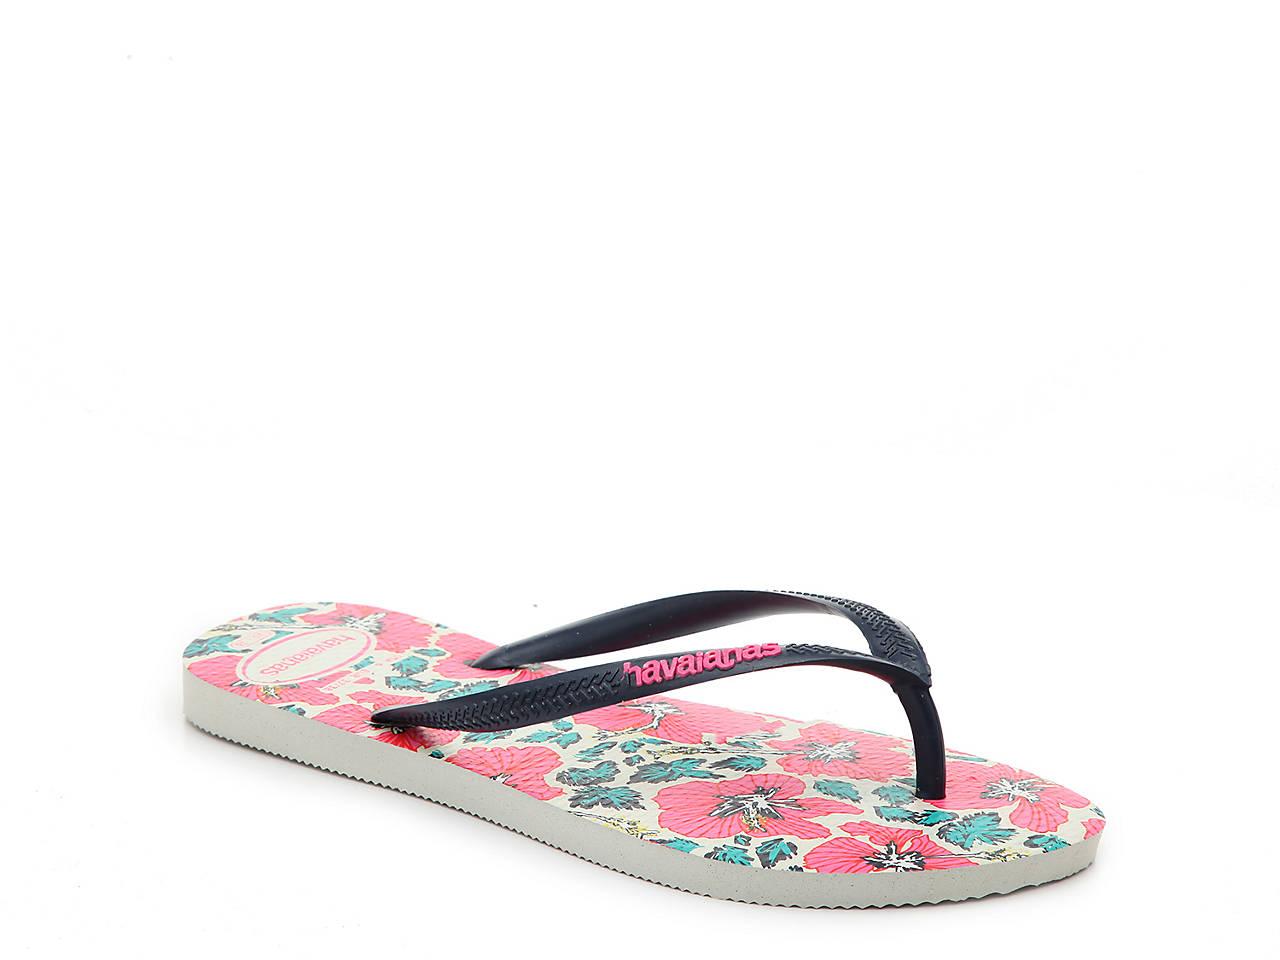 Havaianas Slim Floral Flip Flop Women s Shoes  611f8e268b